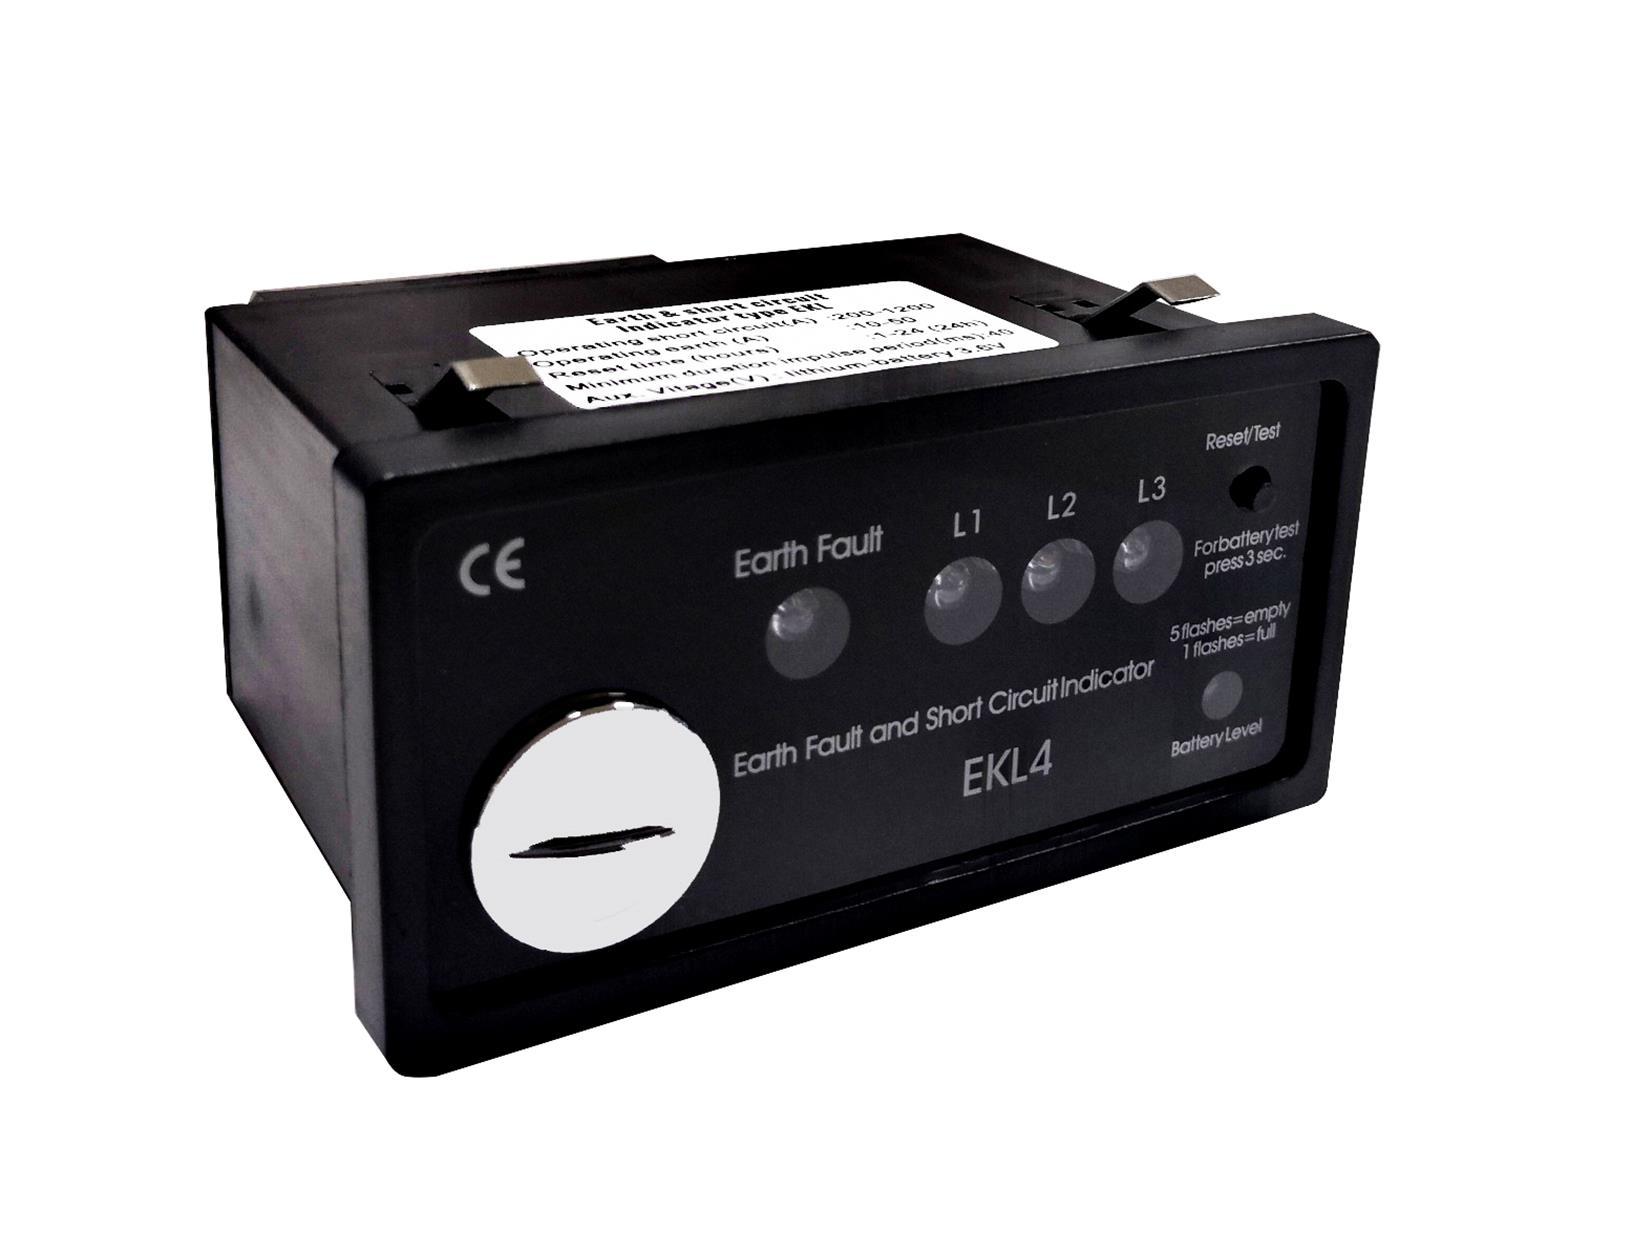 泽州短路传感器-买安全的面板型短路及接地故障指示器,就选珠海斯诺瓦